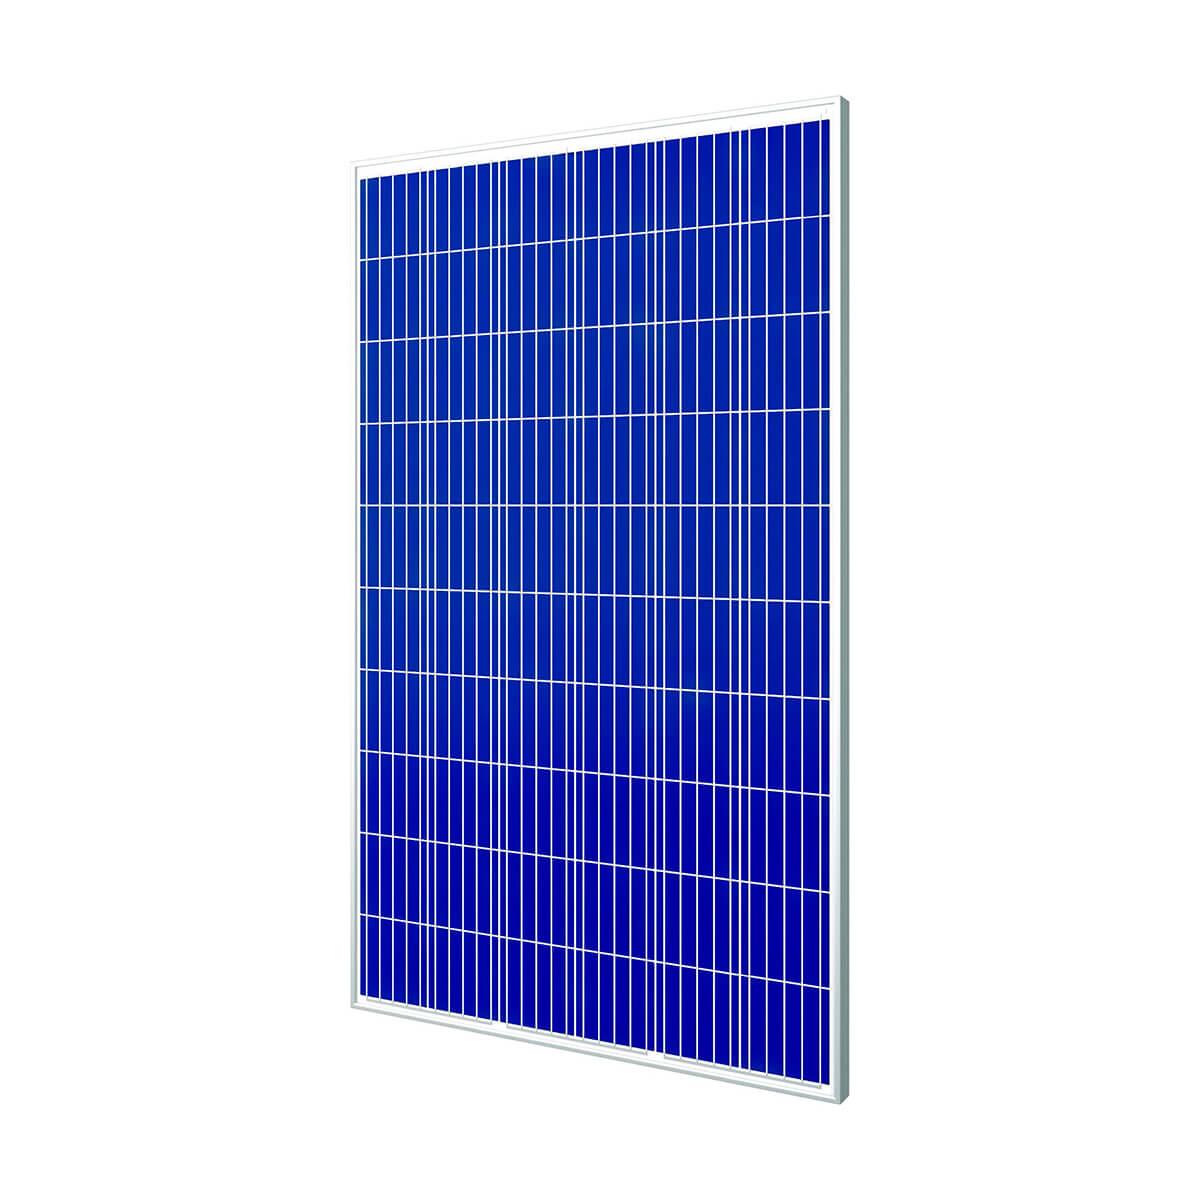 tommatech 270W panel, tommatech 270Watt panel, tommatech 270 W panel, tommatech 270 Watt panel, tommatech 270 Watt polikristal panel, tommatech 270 W watt gunes paneli, tommatech 270 W watt polikristal gunes paneli, tommatech 270 W Watt fotovoltaik polikristal solar panel, tommatech 270W polikristal gunes enerjisi, tommatech TT270-60P-270W panel, TOMMATECH 270 WATT